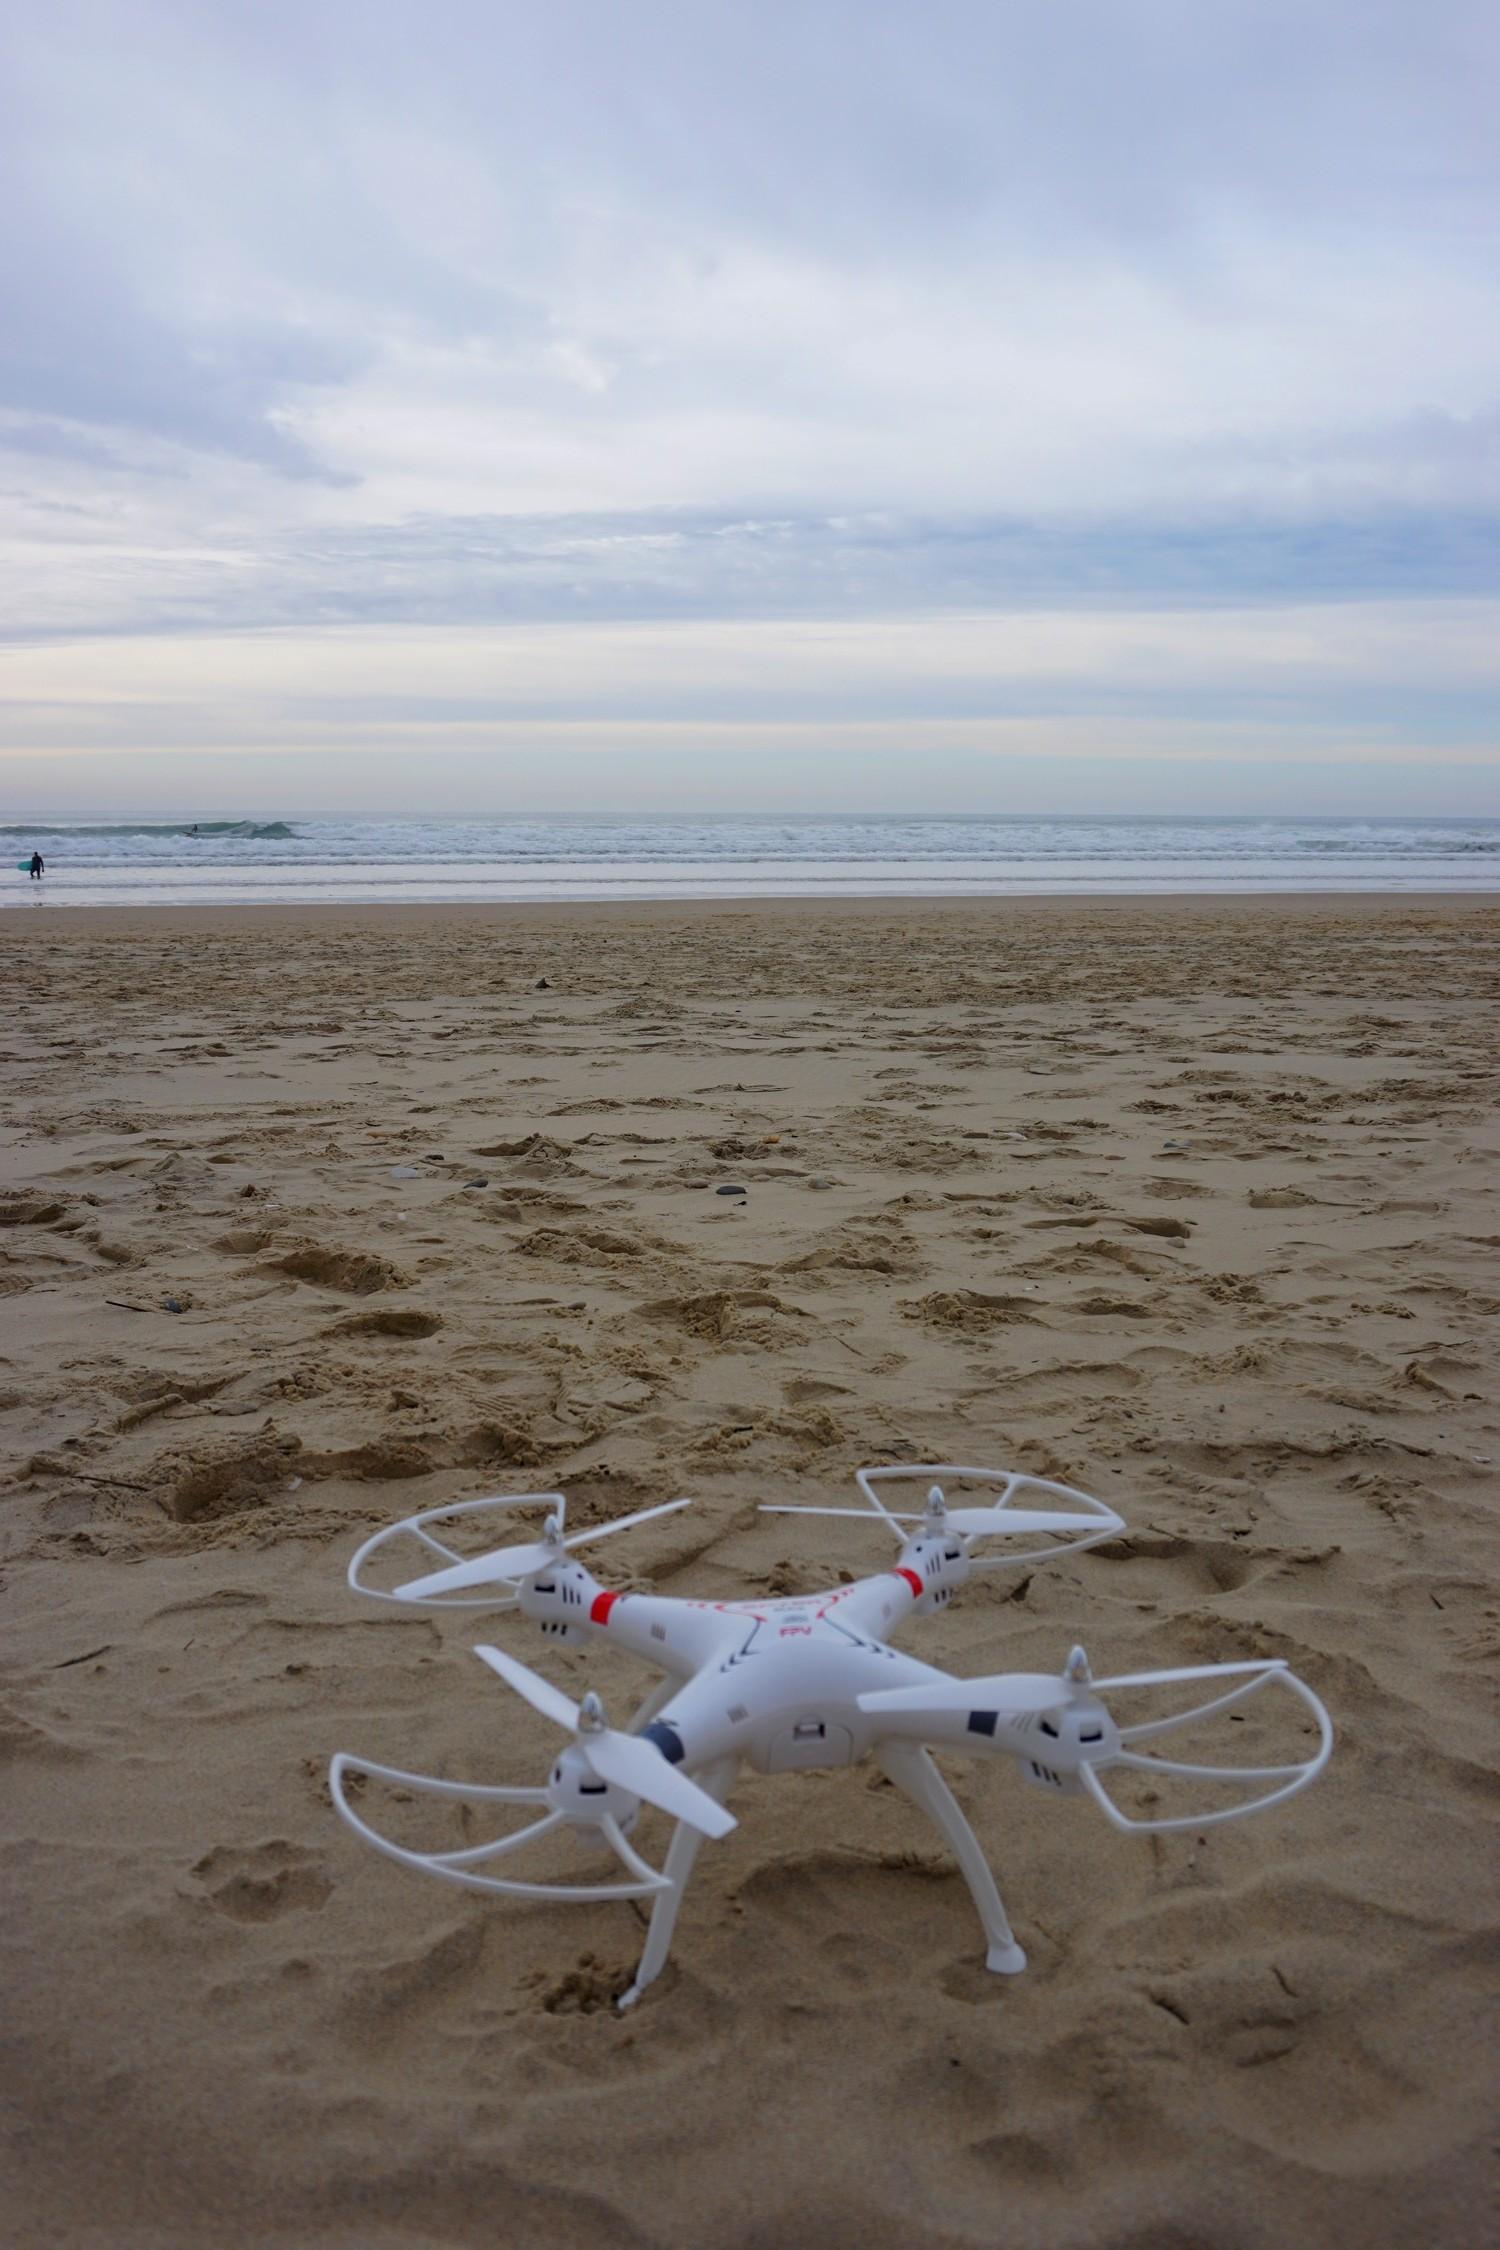 WEEK END A LACANAU EN AMOUREUX COTE ATLANTIQUE BLOG VOYAGE BONNES ADRESSES COUPLE BORDEAUX CORSE DRONE 05